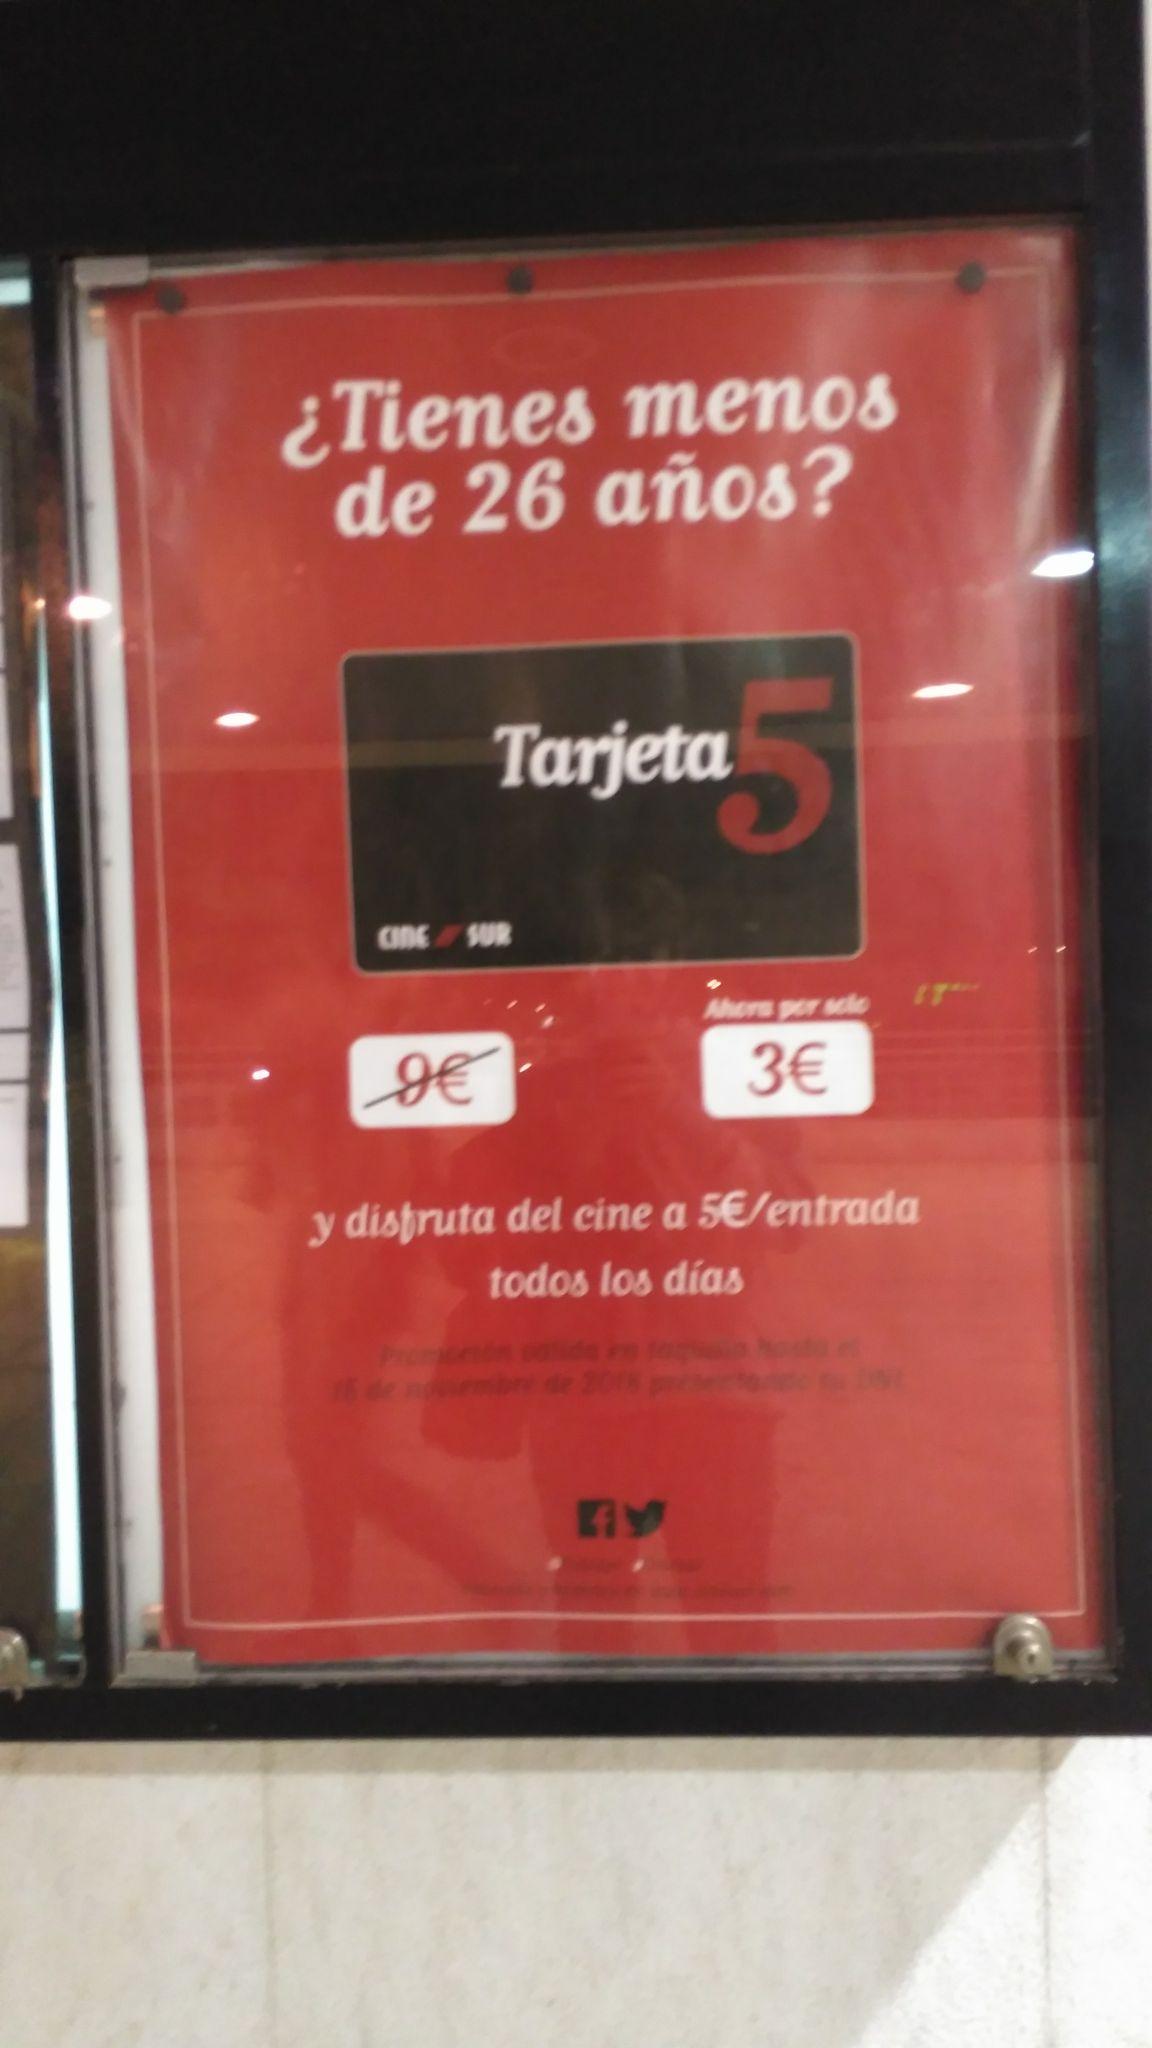 Tarjeta 5 Cinesur a 3€